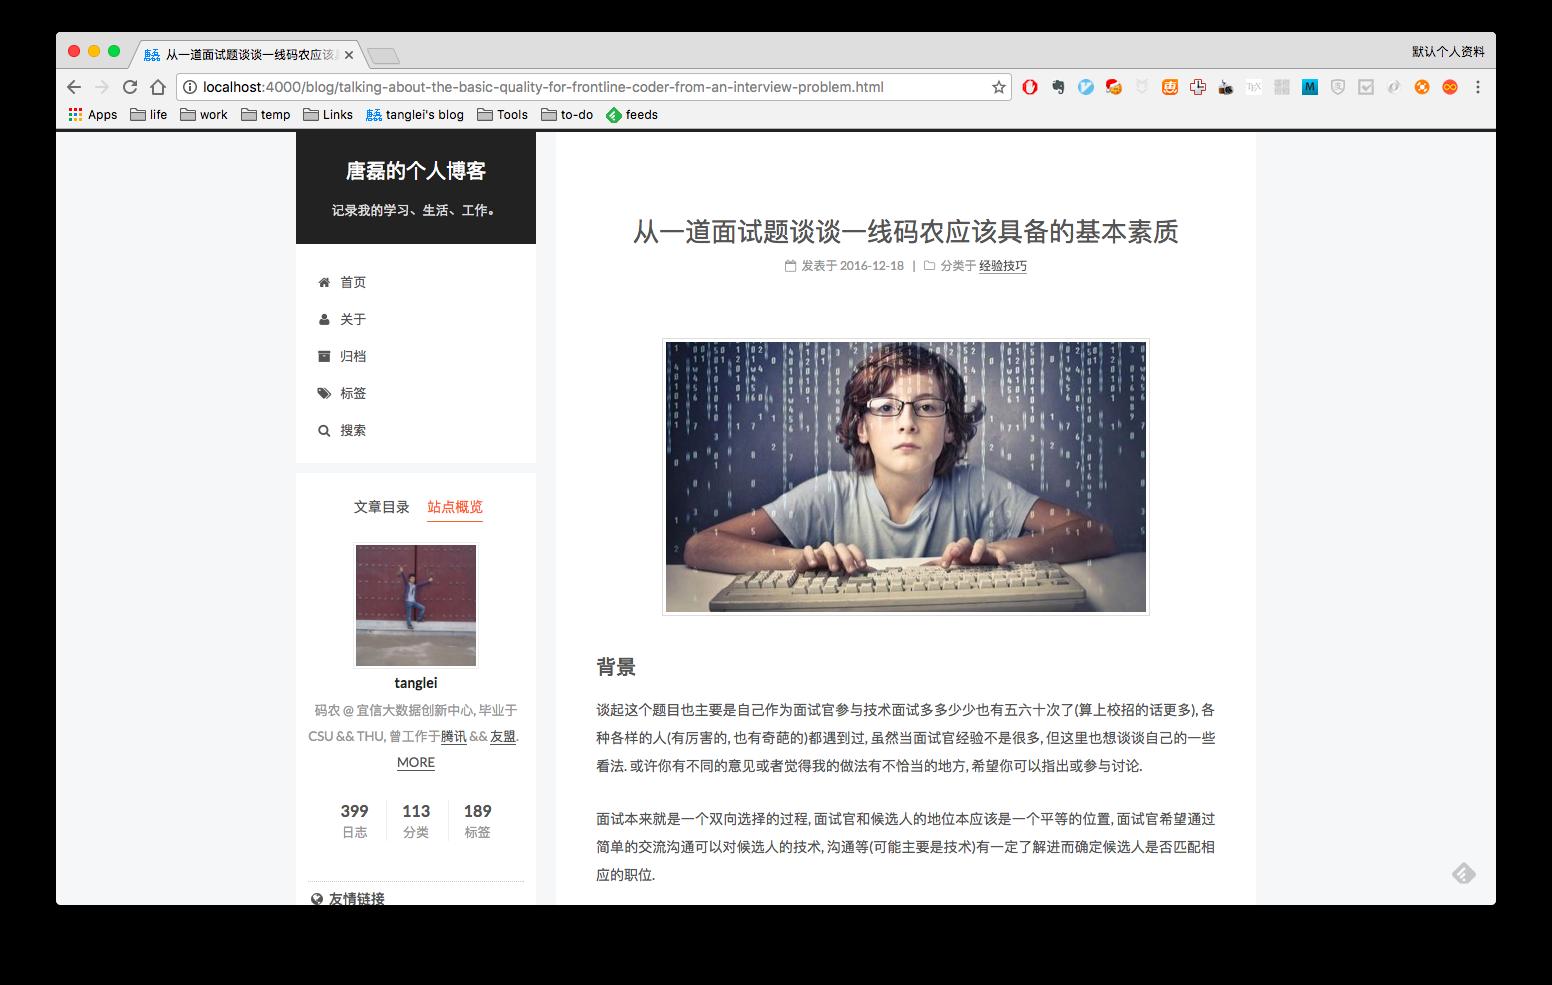 唐磊的 hexo 博客